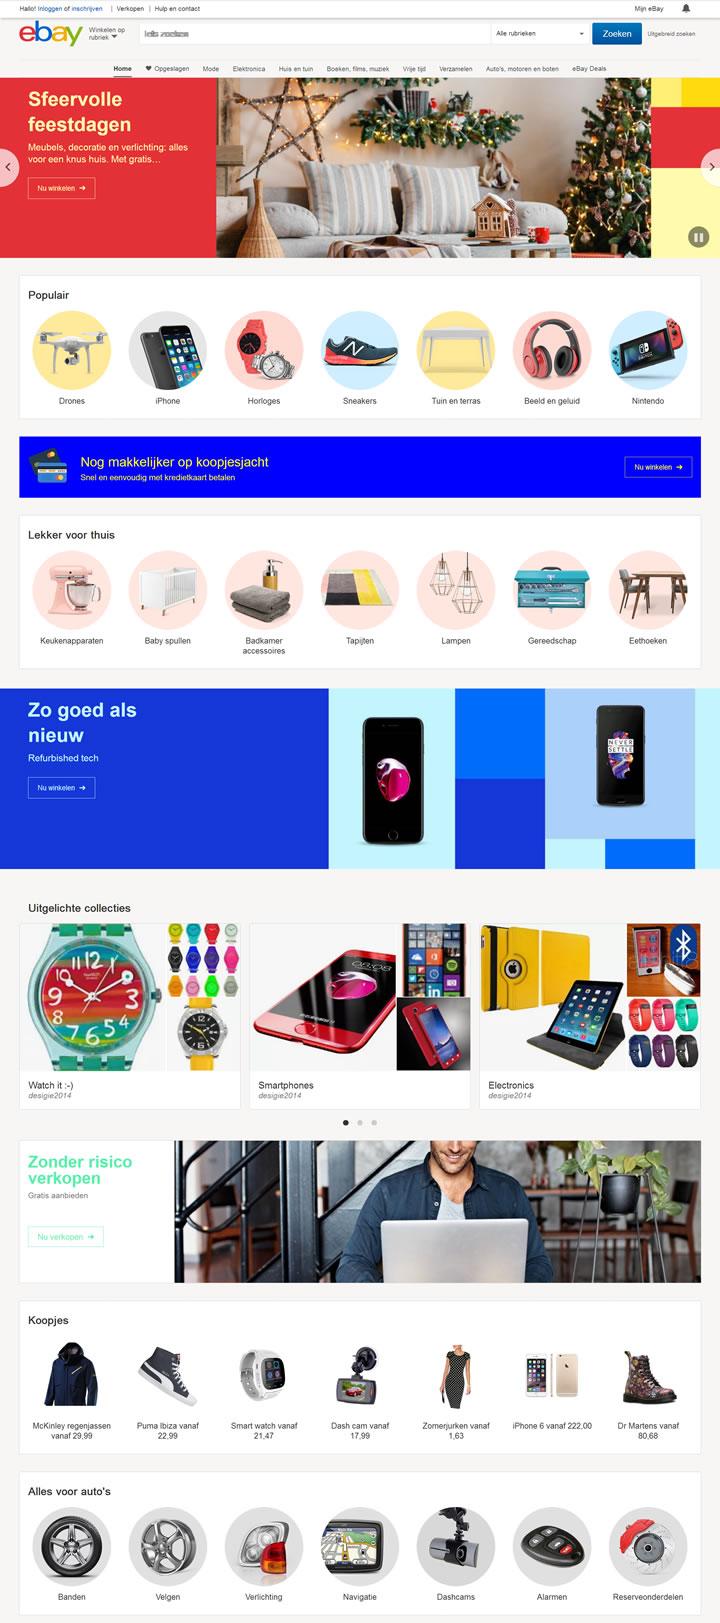 eBay荷兰购物网站:eBay nl - world68海淘